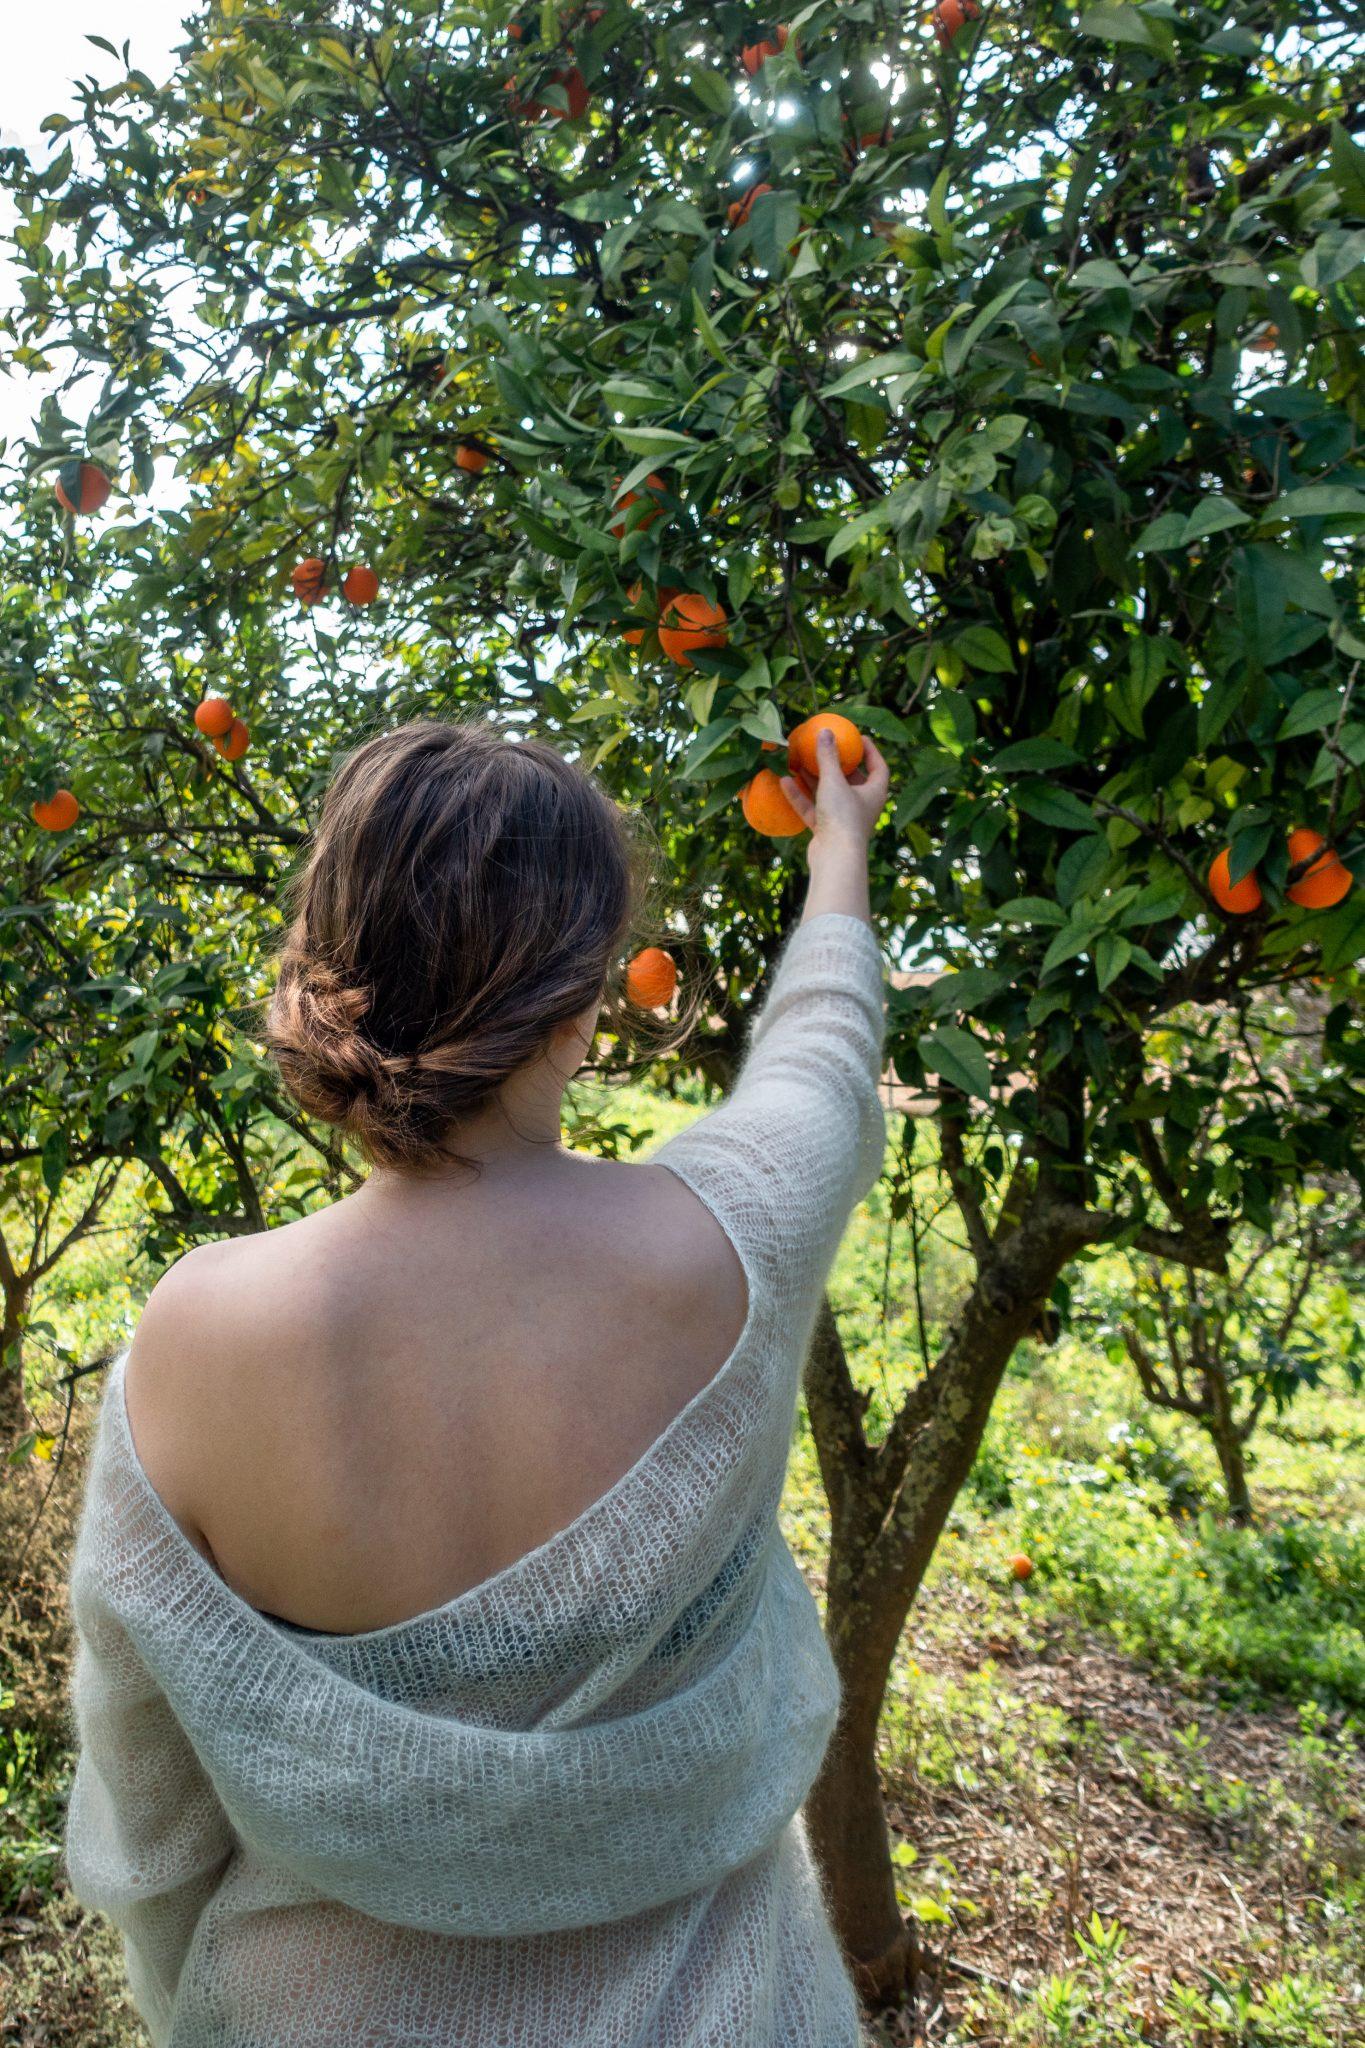 housesitting-guide-kostenlos-wohnen-andalusien-orangen